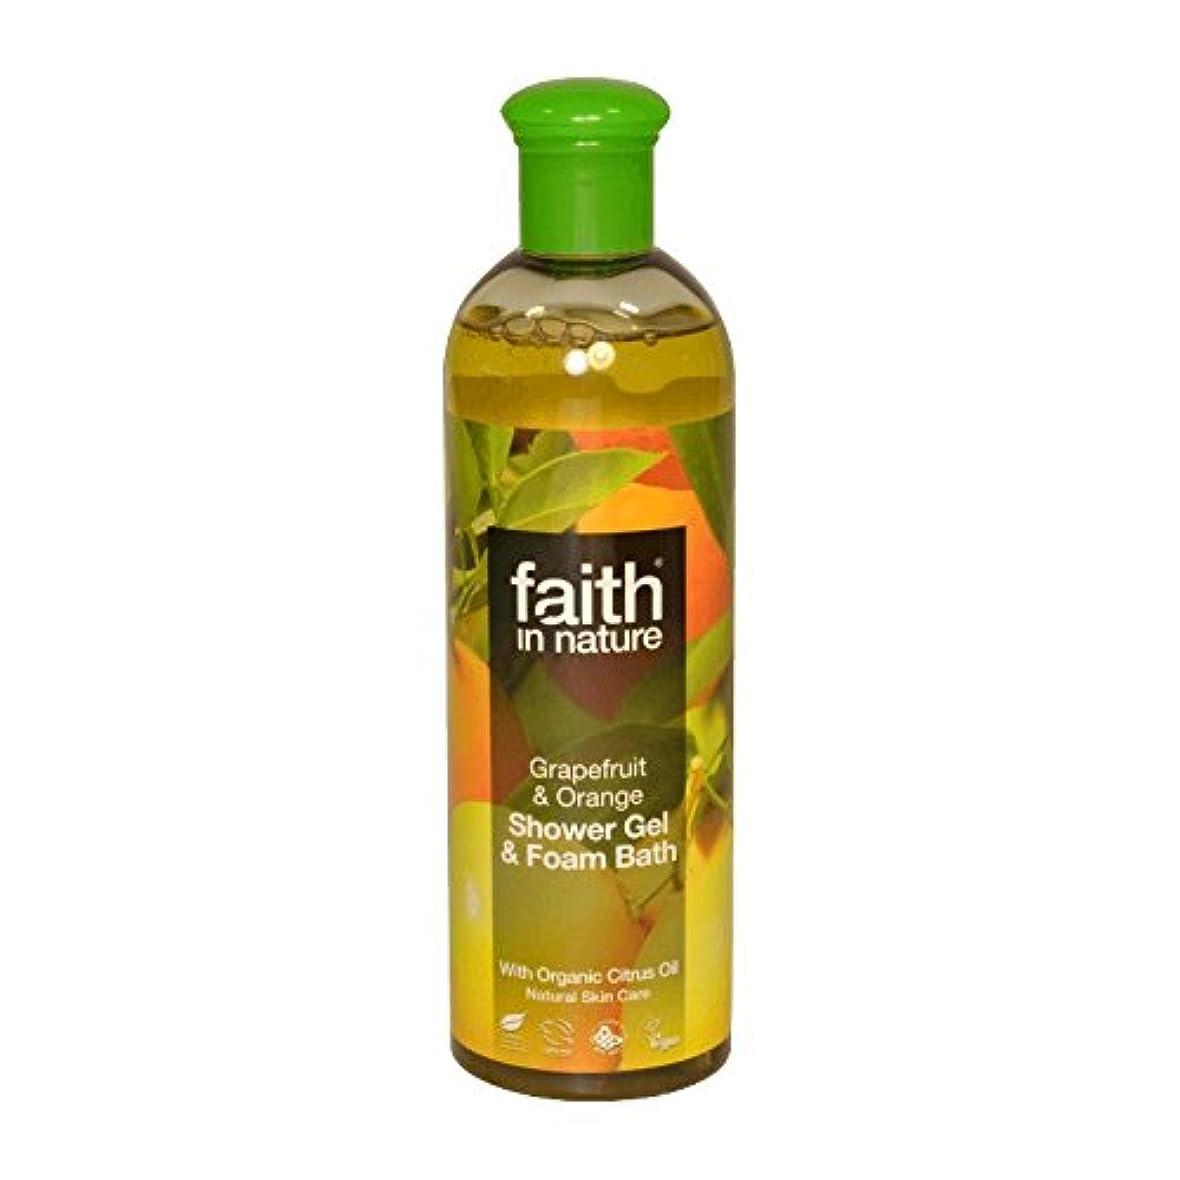 納屋称賛スポーツマンFaith in Nature Grapefruit & Orange Shower Gel & Bath Foam 400ml (Pack of 6) - 自然グレープフルーツ&オレンジシャワージェル&バス泡400ミリリットルの信仰 (x6) [並行輸入品]